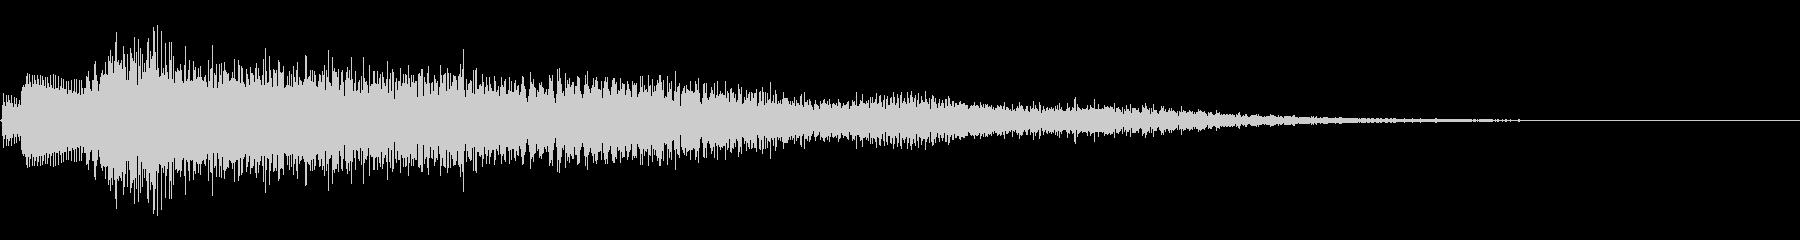 シャララン (決定音)の未再生の波形